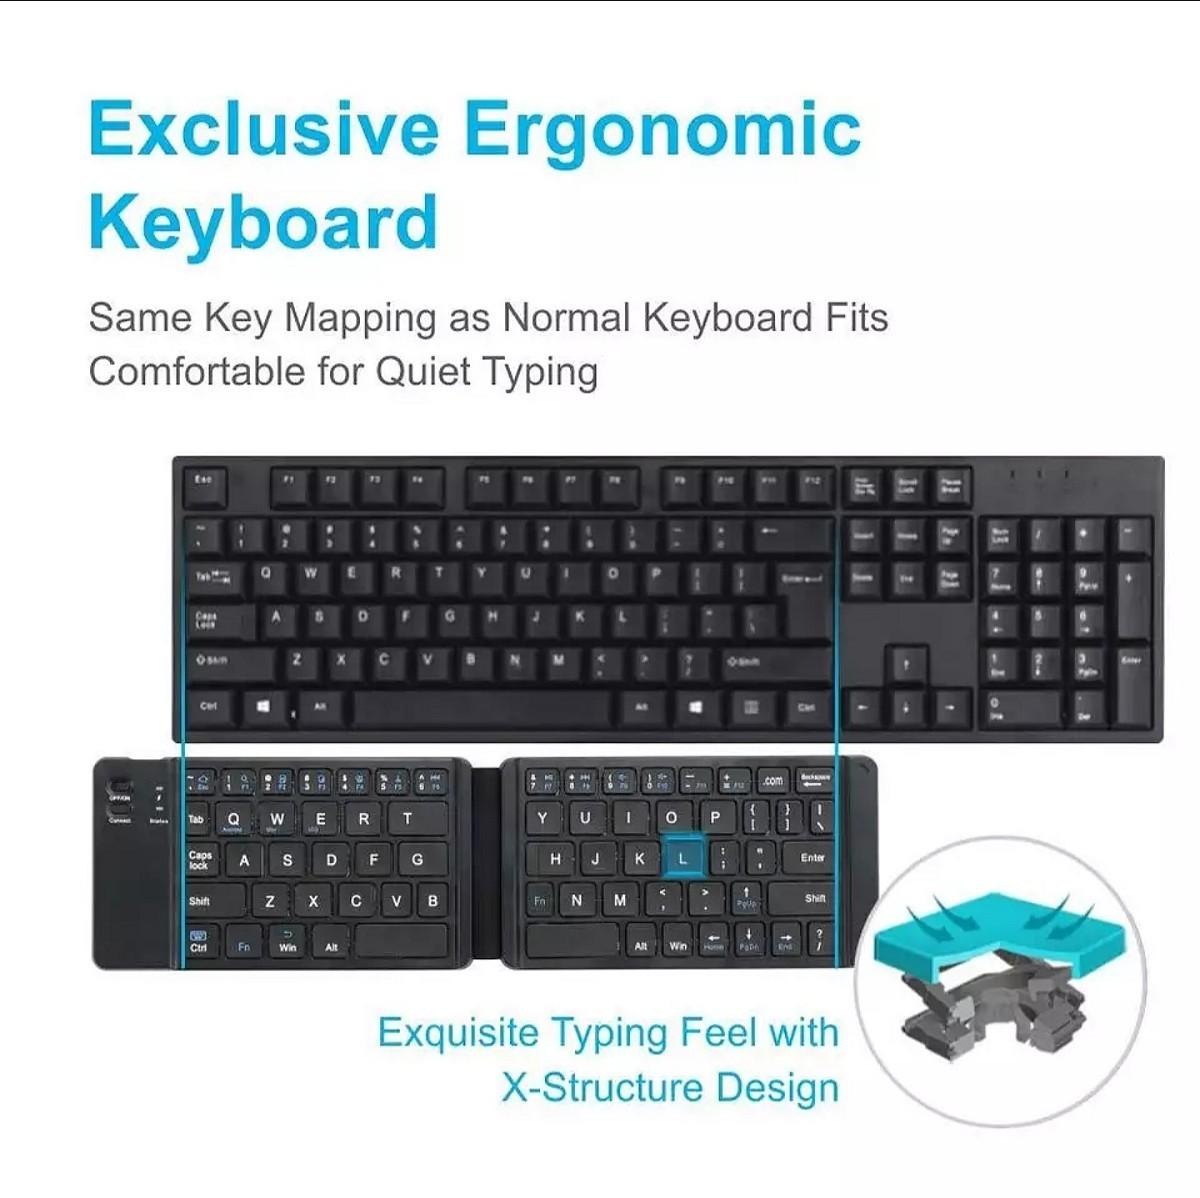 【超便利♪】 ワイヤレス キーボード ポータブル Bluetooth 折り畳み式 コンパクト テレワーク 在宅 出張 グッズ